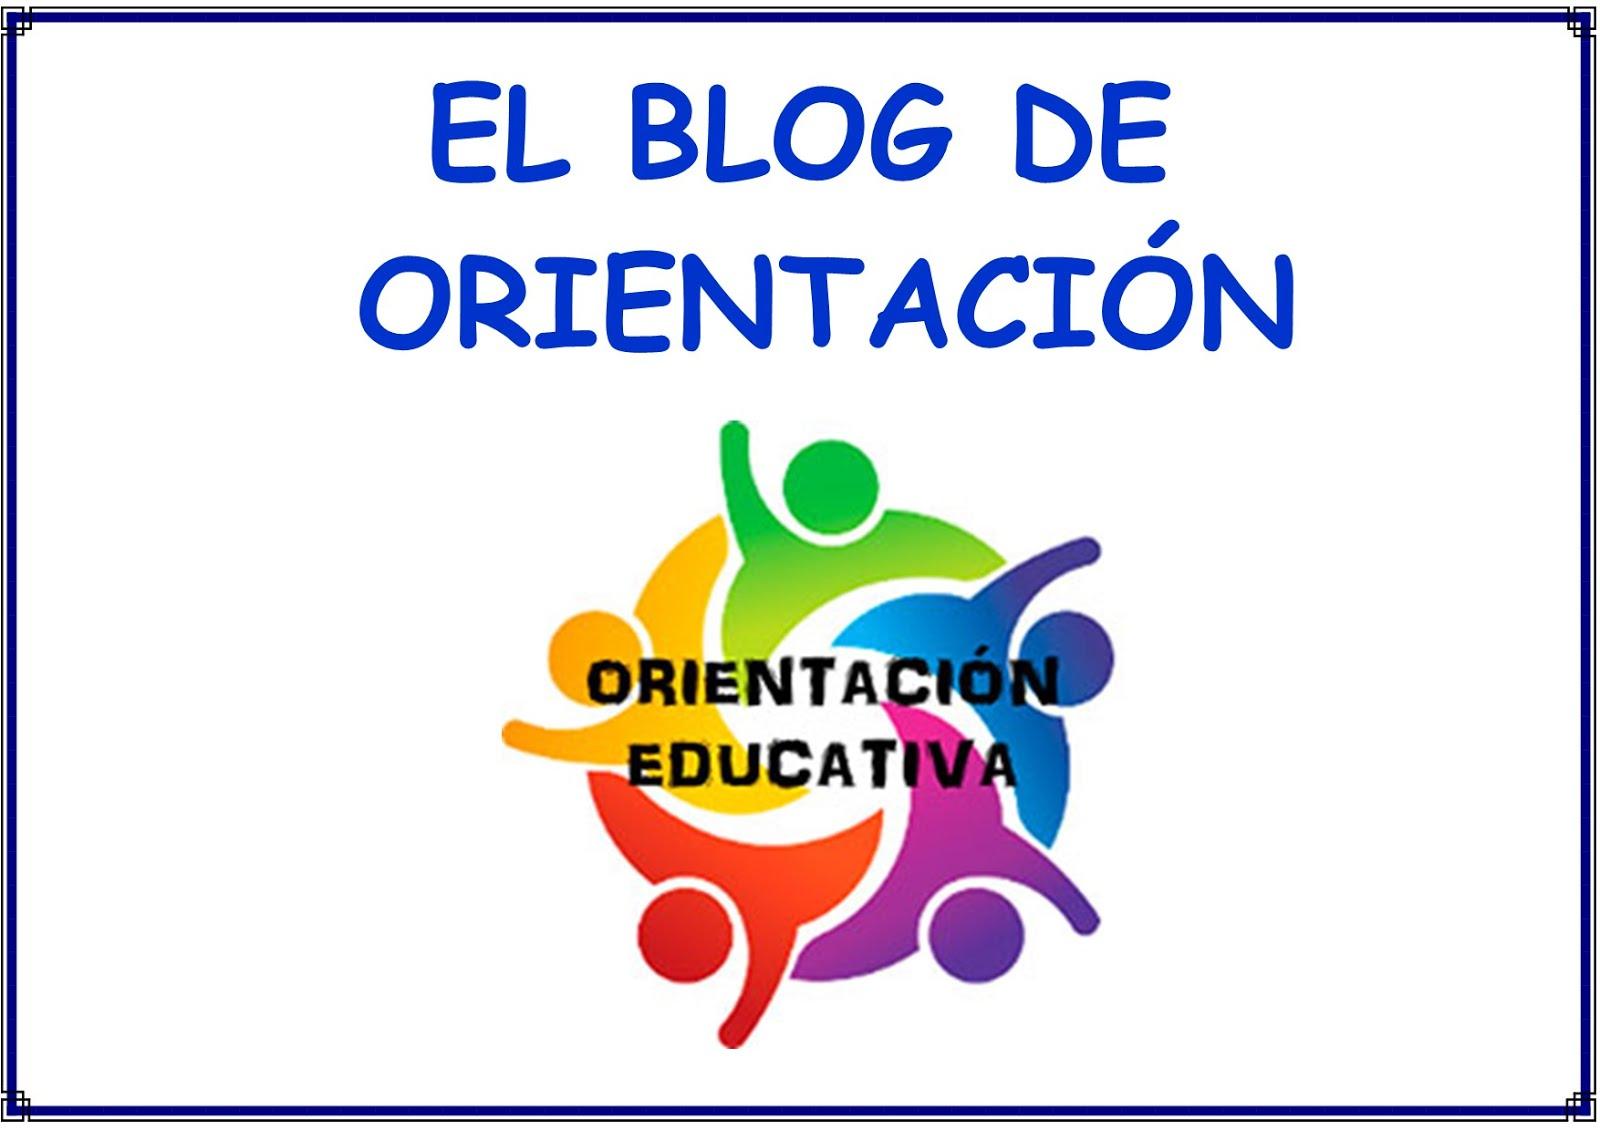 El blog de orientación